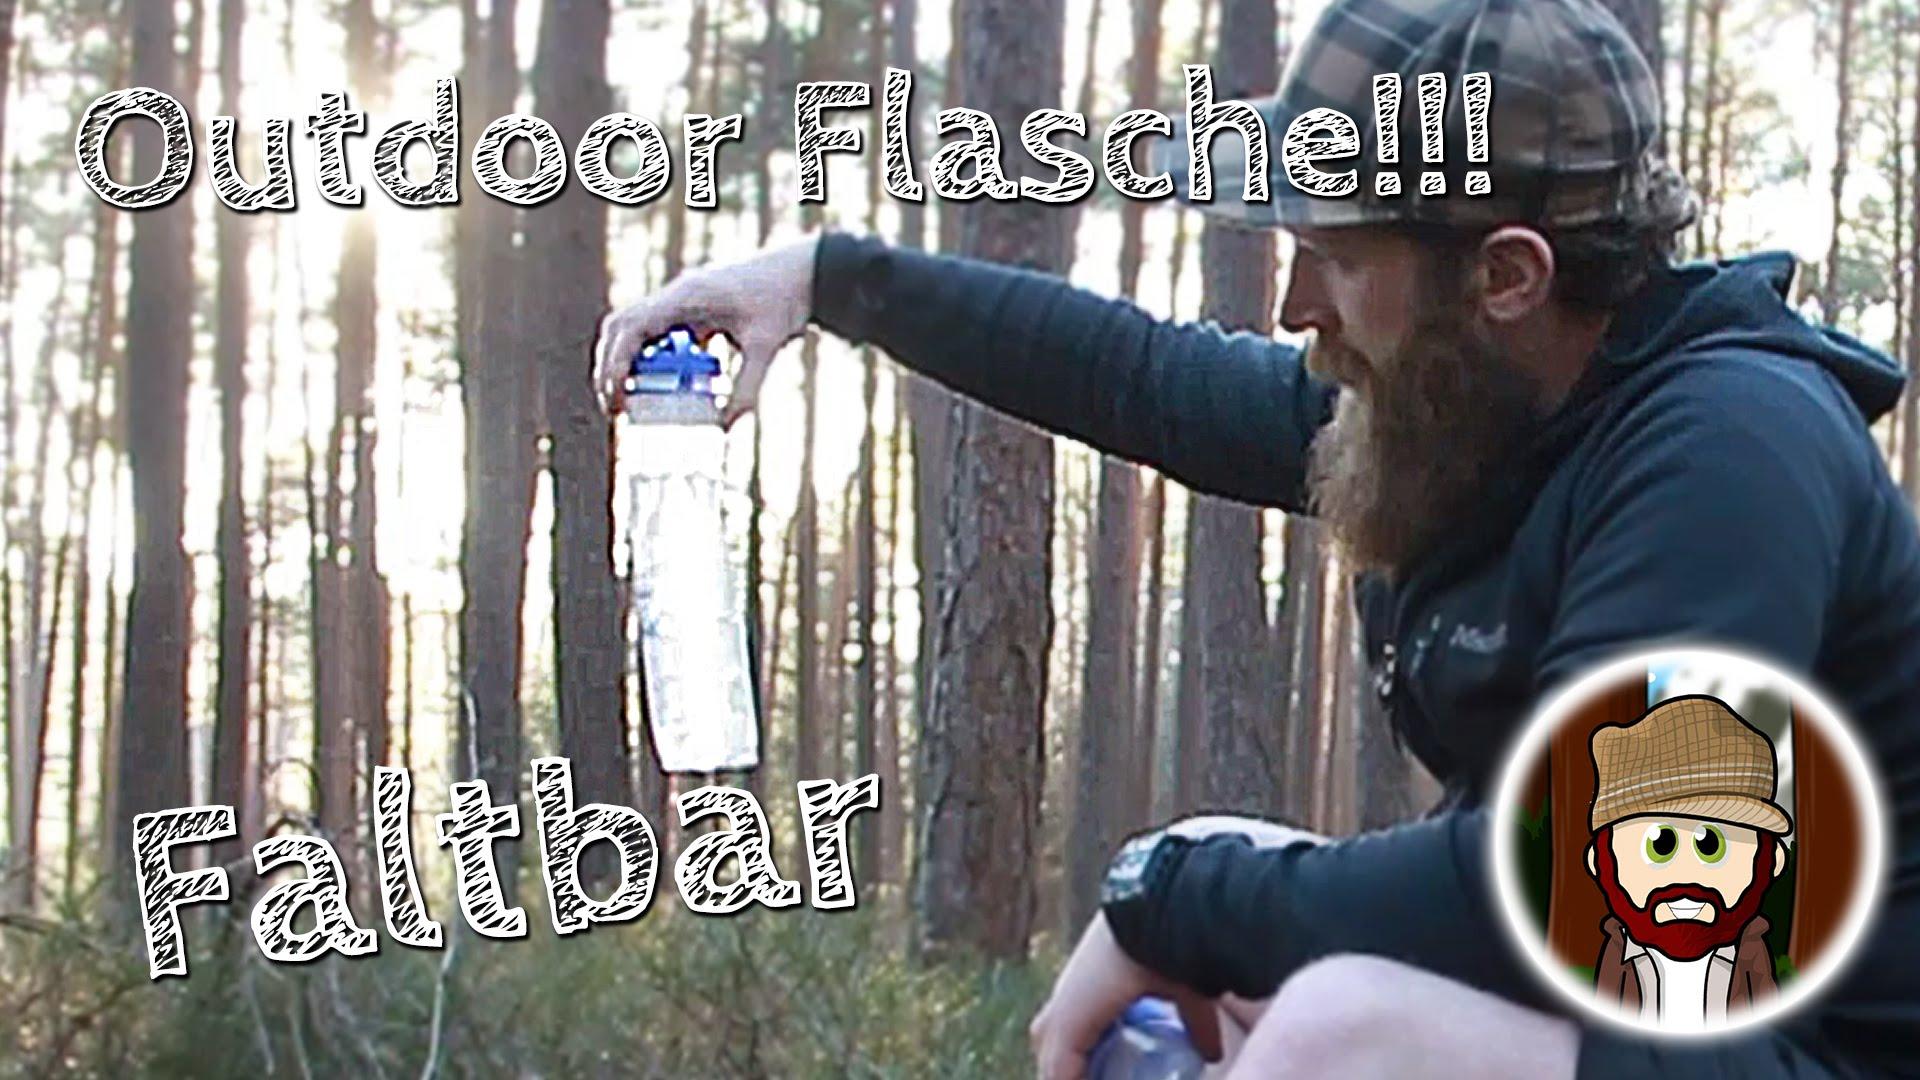 [:de]Faltflasche für das extra an Flüssigkeit- Nalgene CANTENE Weithals Flasche zum Falten[:en]Nalgene CANTENE Weithalsflasche for folding[:]